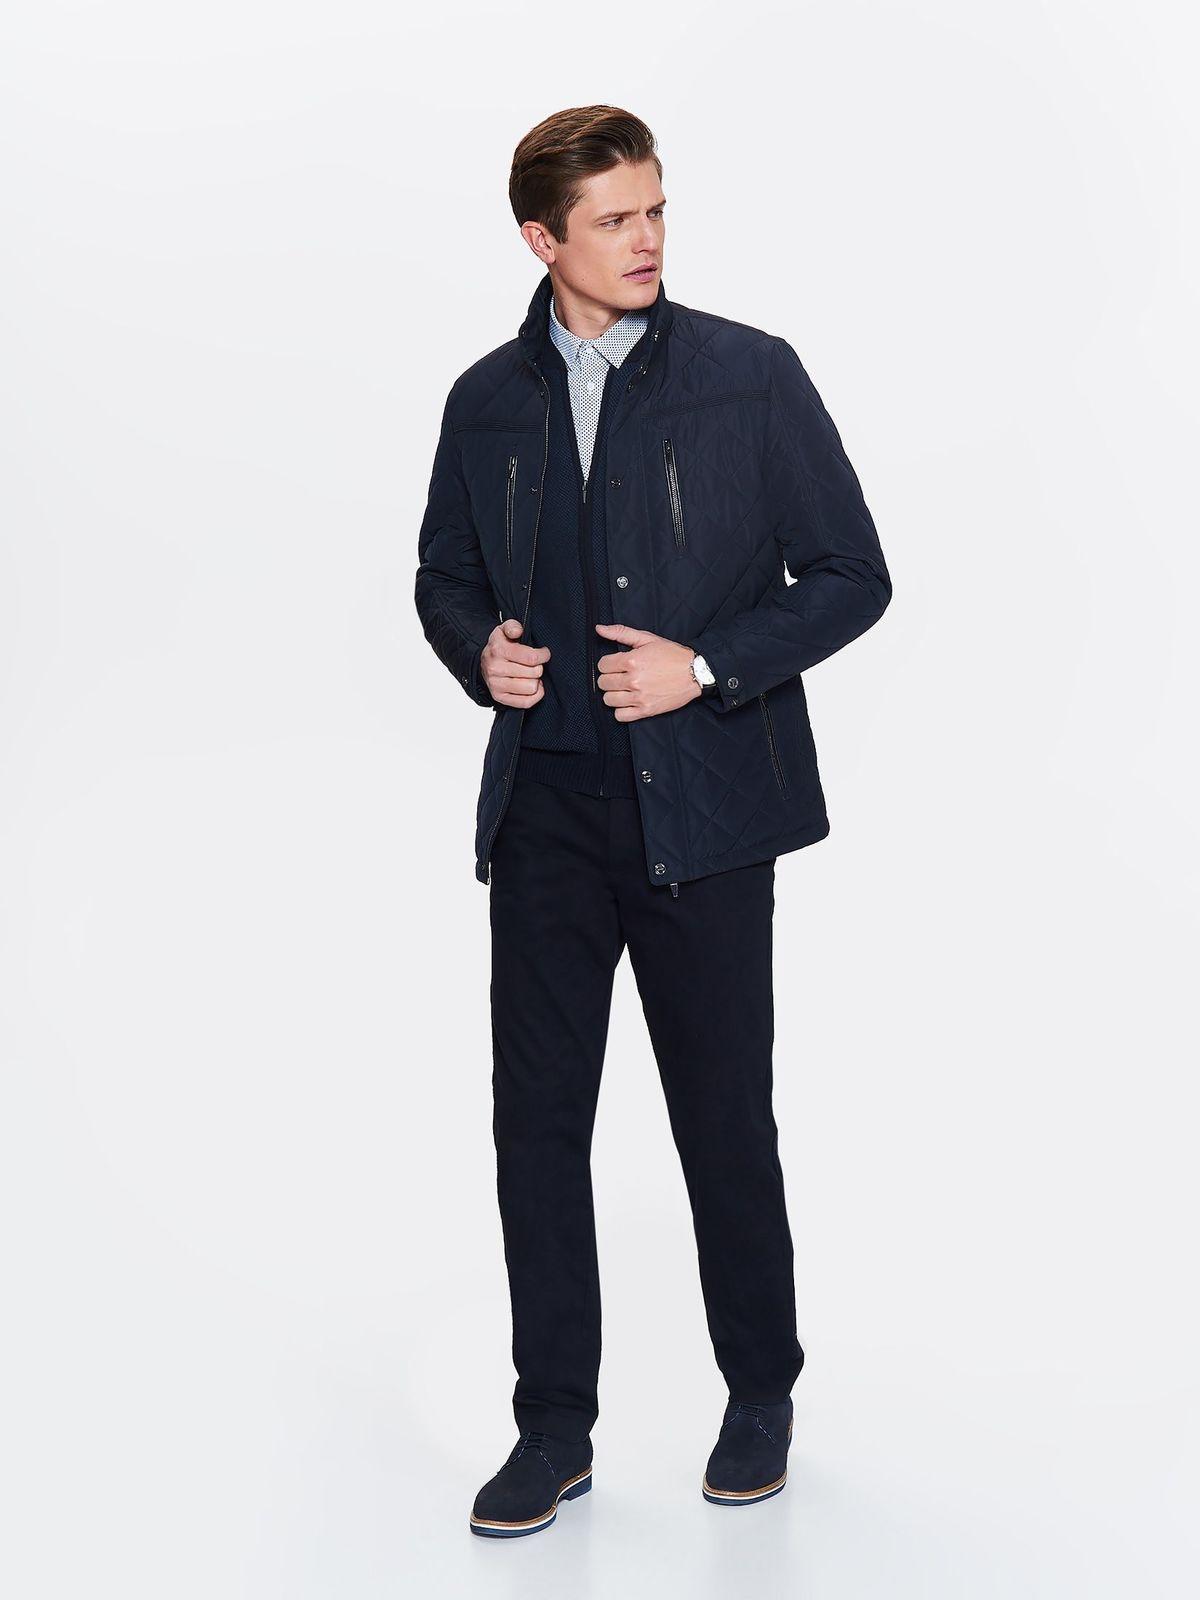 Куртка мужская Top Secret, цвет: темно-синий. SKU0850GR. Размер M (46)SKU0850GR